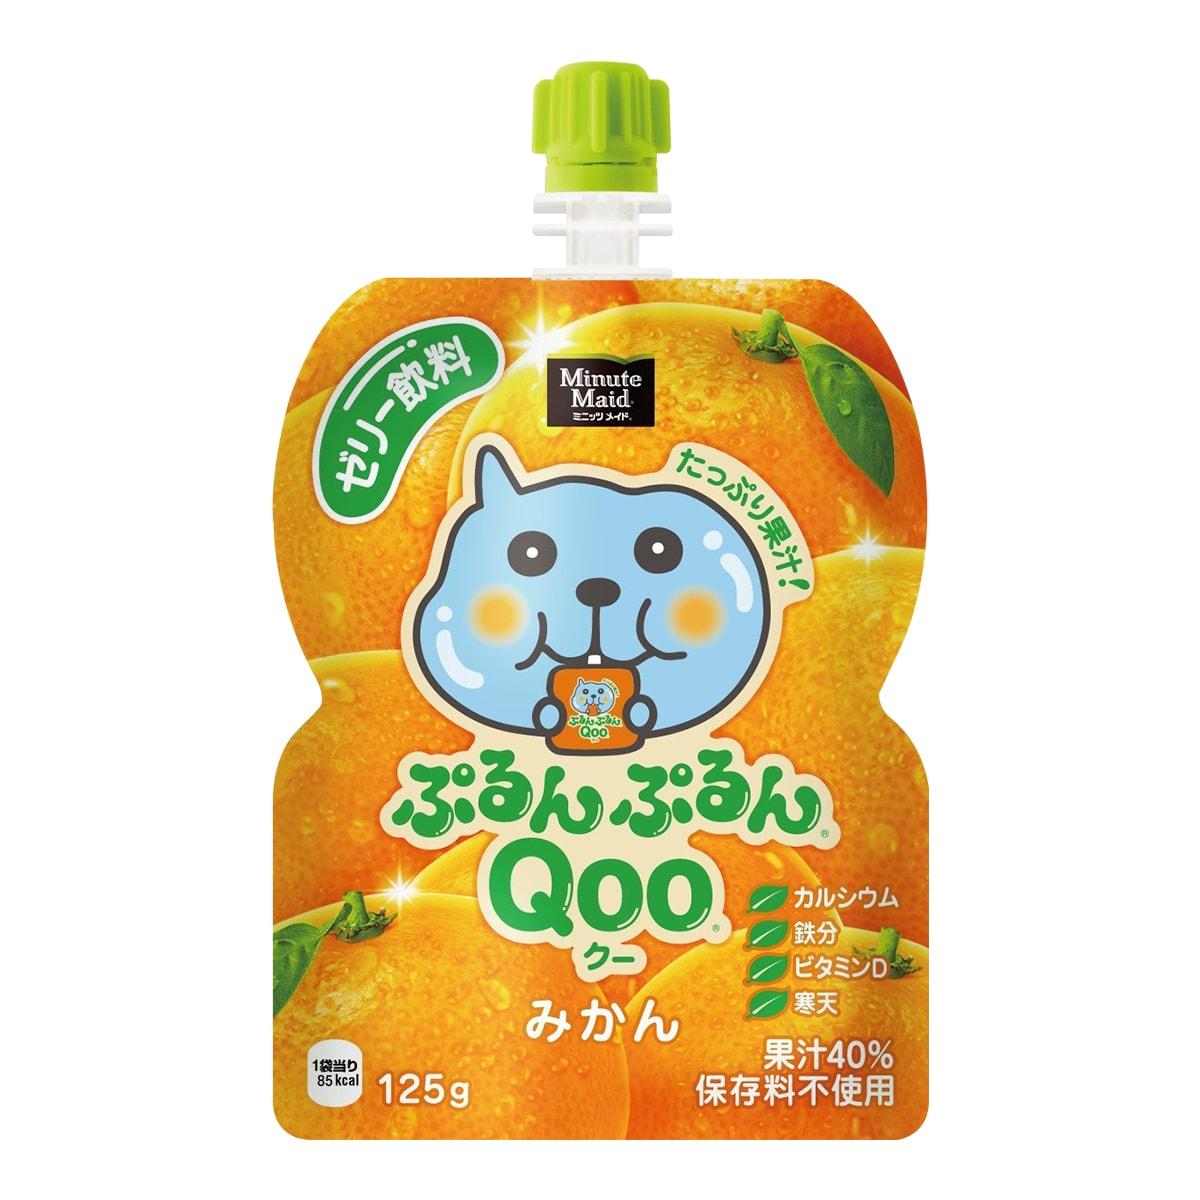 美汁源 酷儿 果冻饮料 橘子味 125g